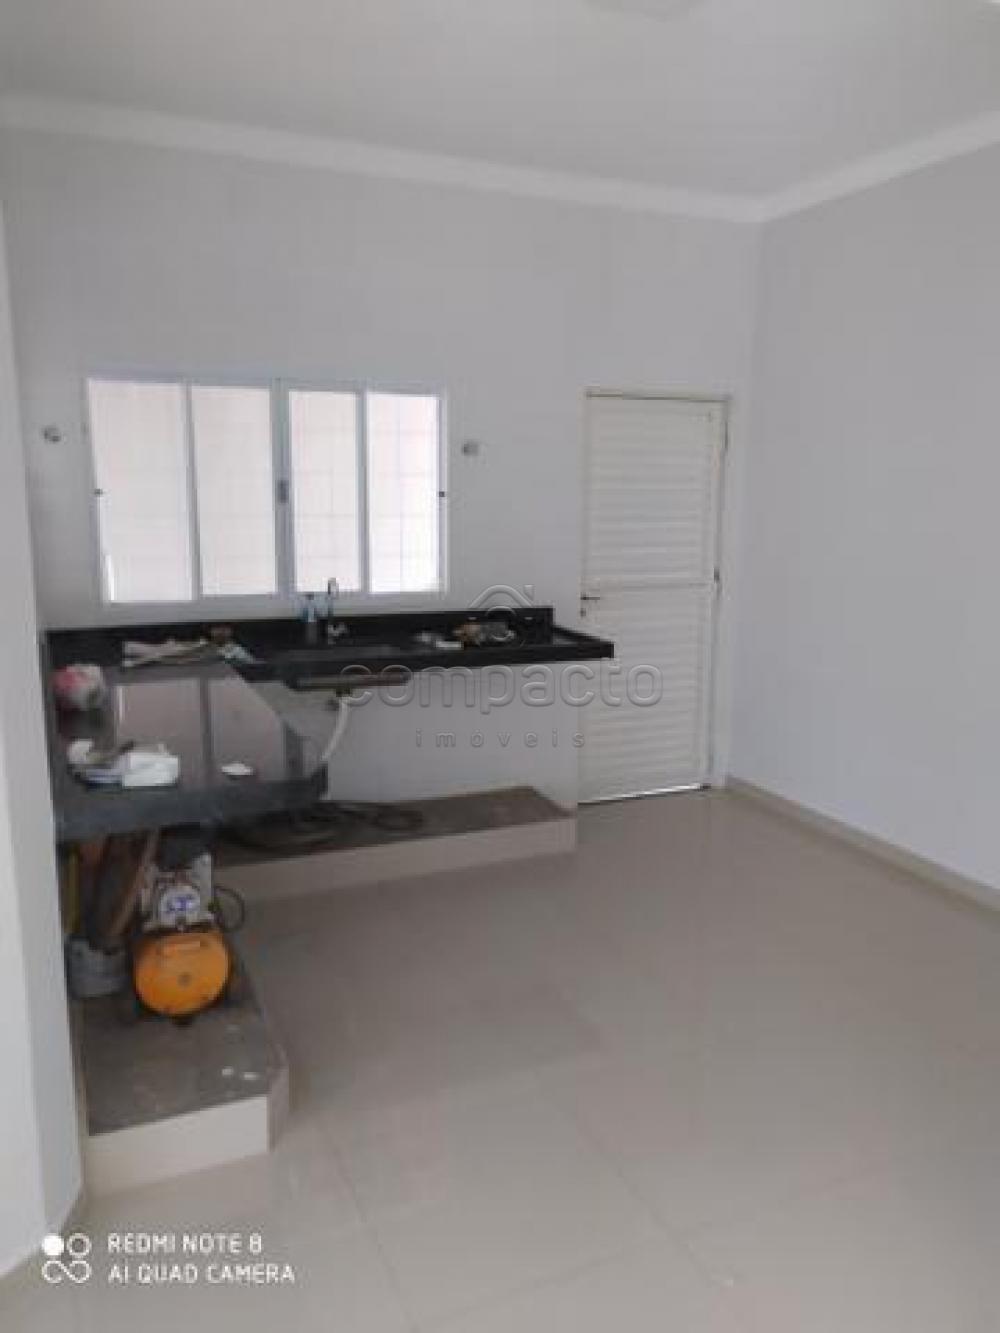 Comprar Casa / Padrão em São José do Rio Preto apenas R$ 350.000,00 - Foto 5